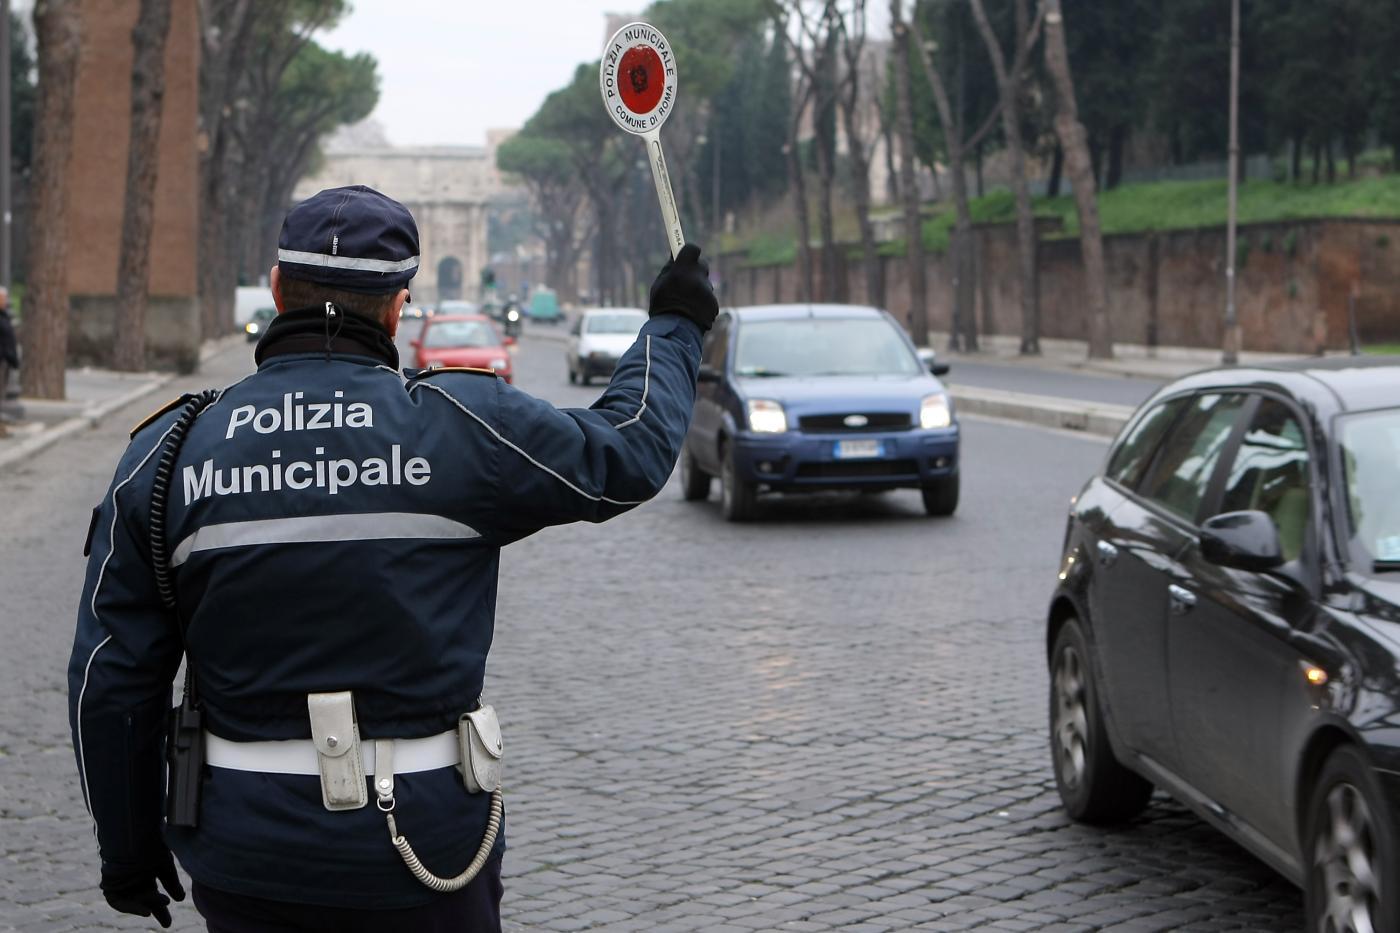 Lotta all'assenteismo: la linea del Governo dopo il caso dei vigili di Roma